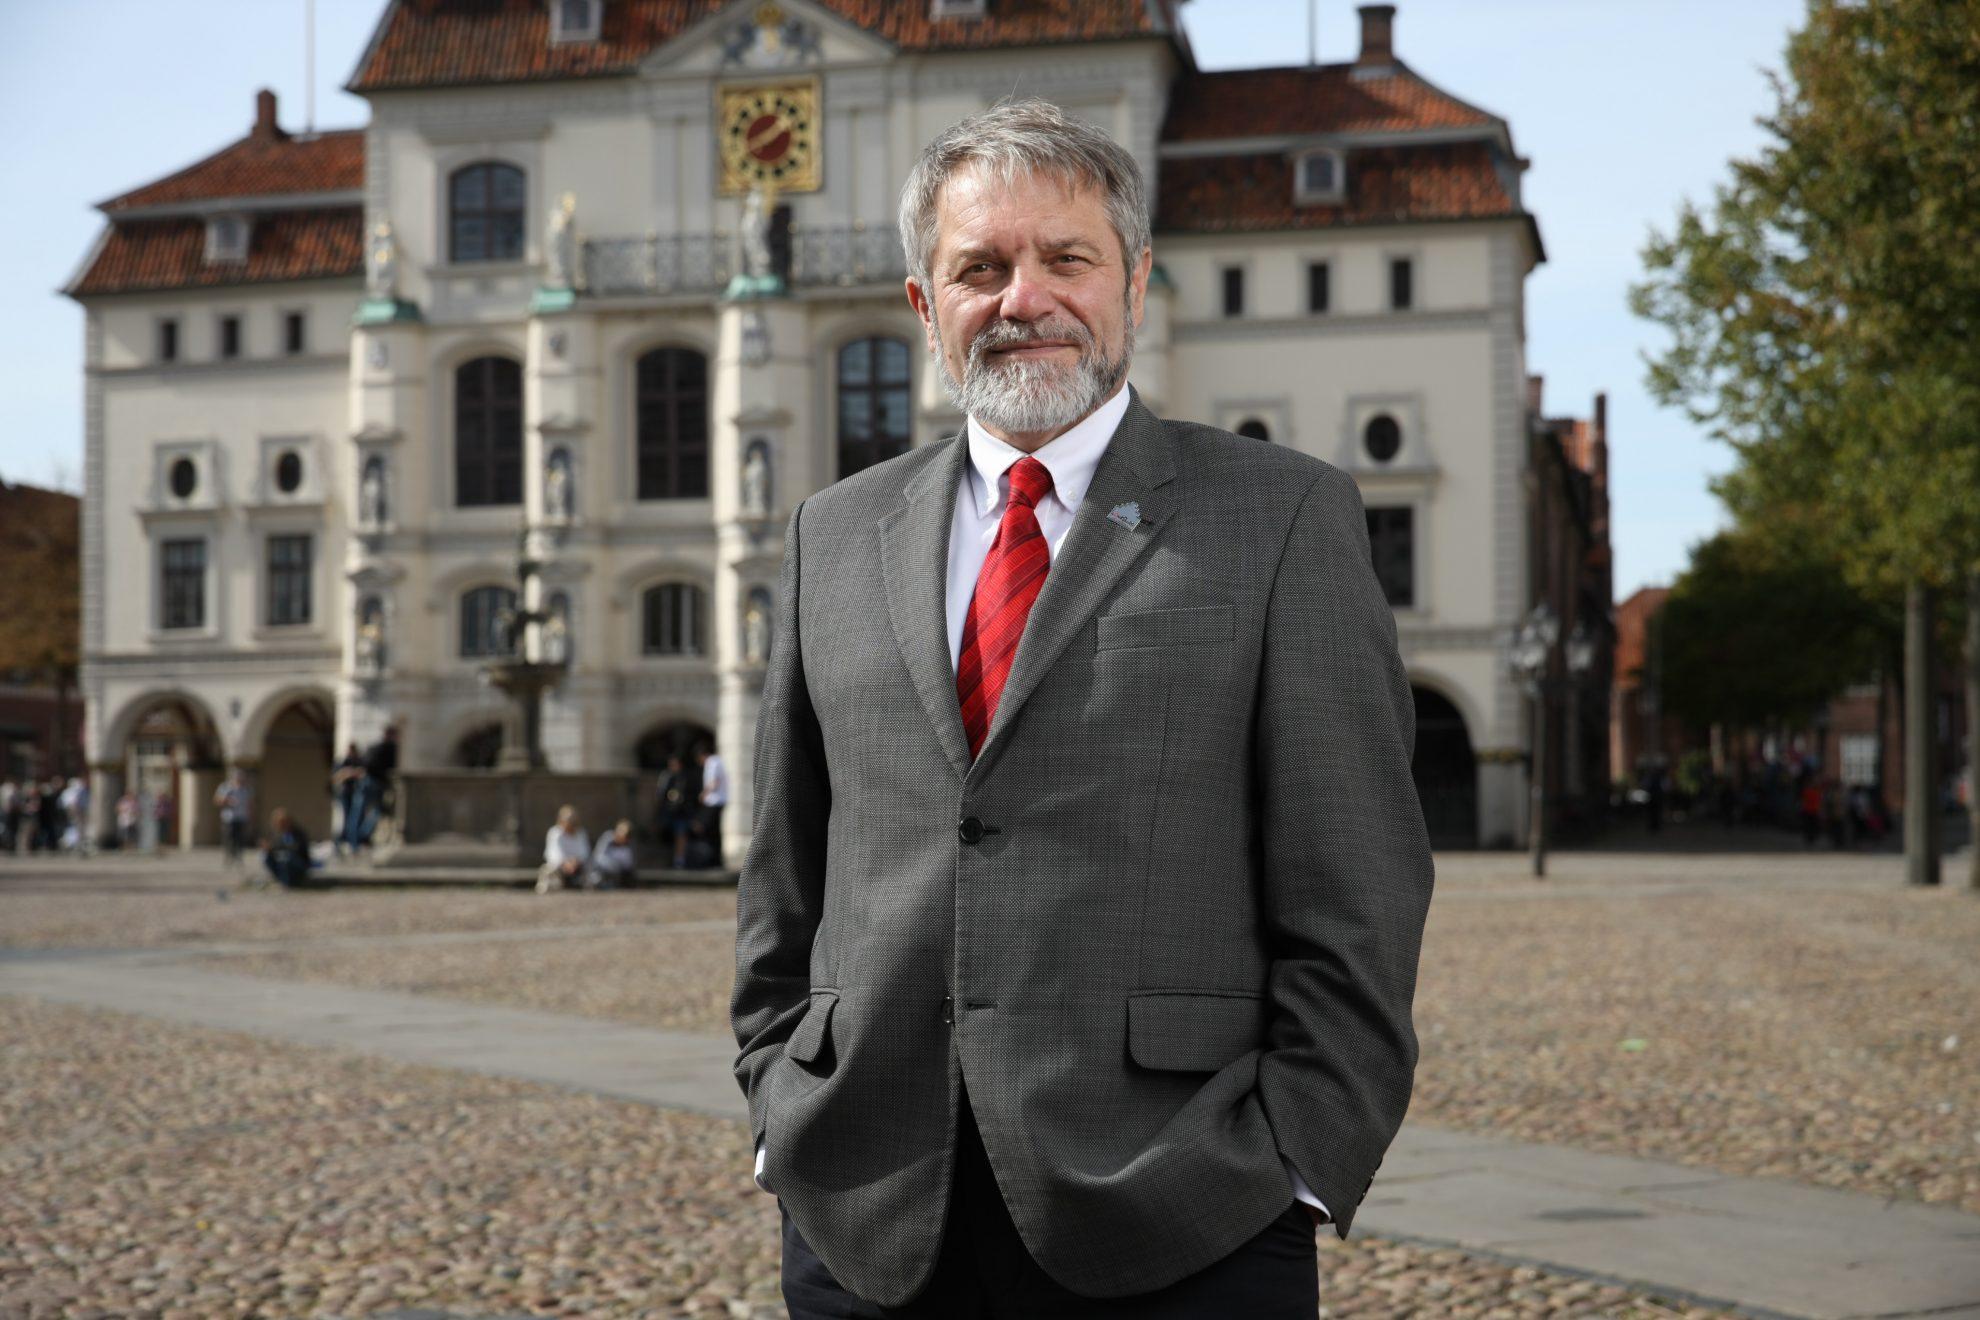 Ulrich Mädge vor dem Rathaus in Lüneburg